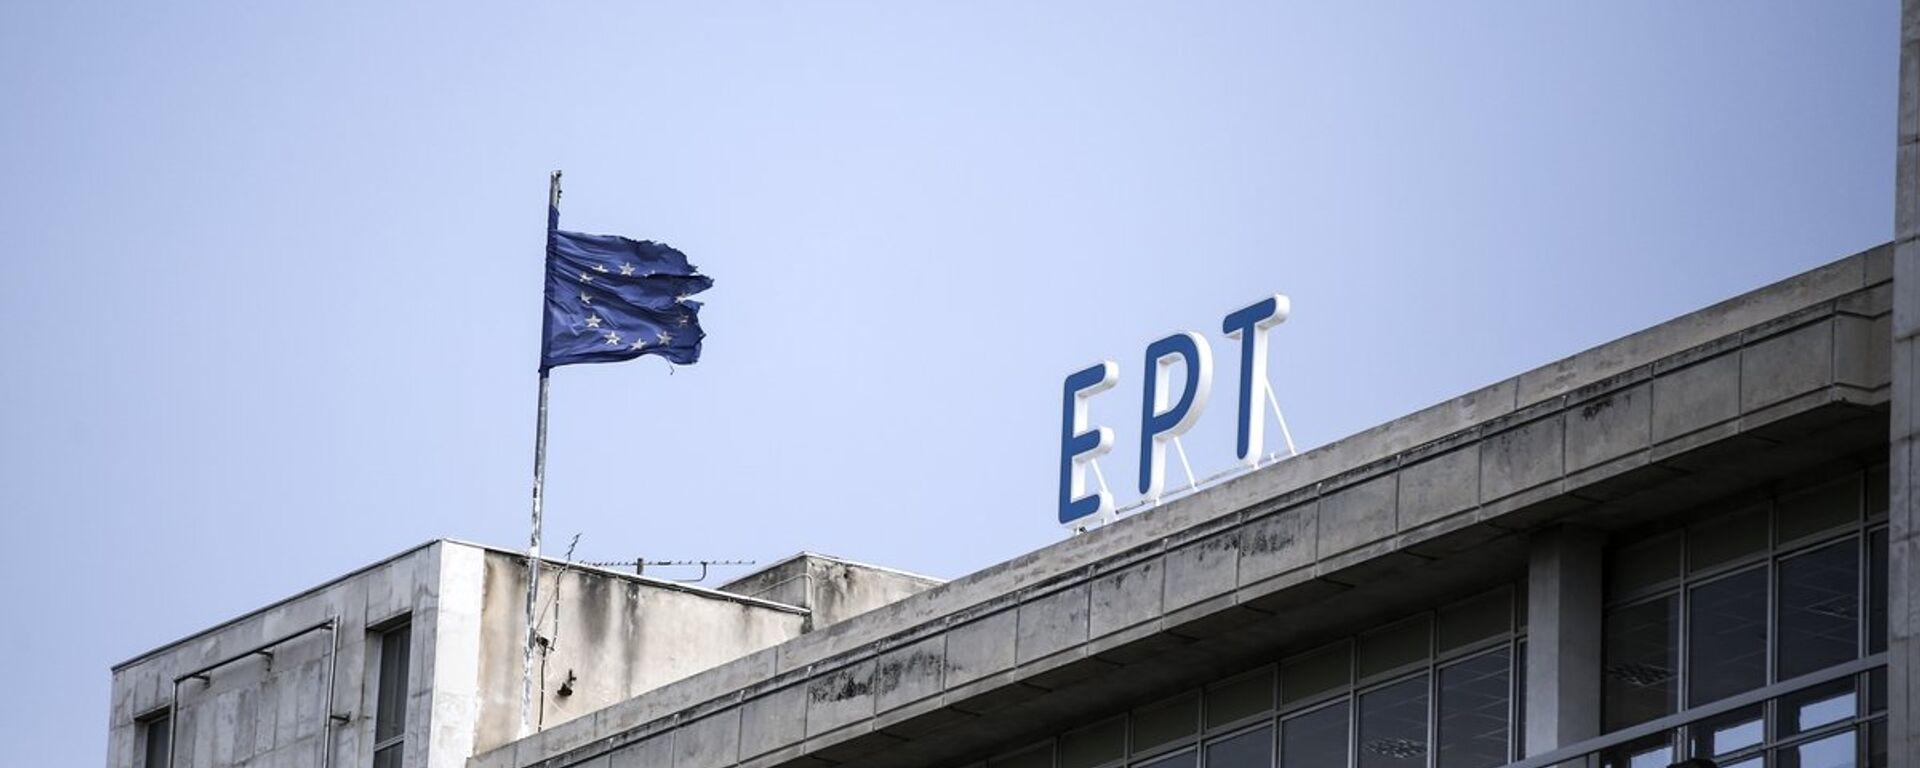 Το σήμα της ΕΡΤ - Sputnik Ελλάδα, 1920, 24.07.2021